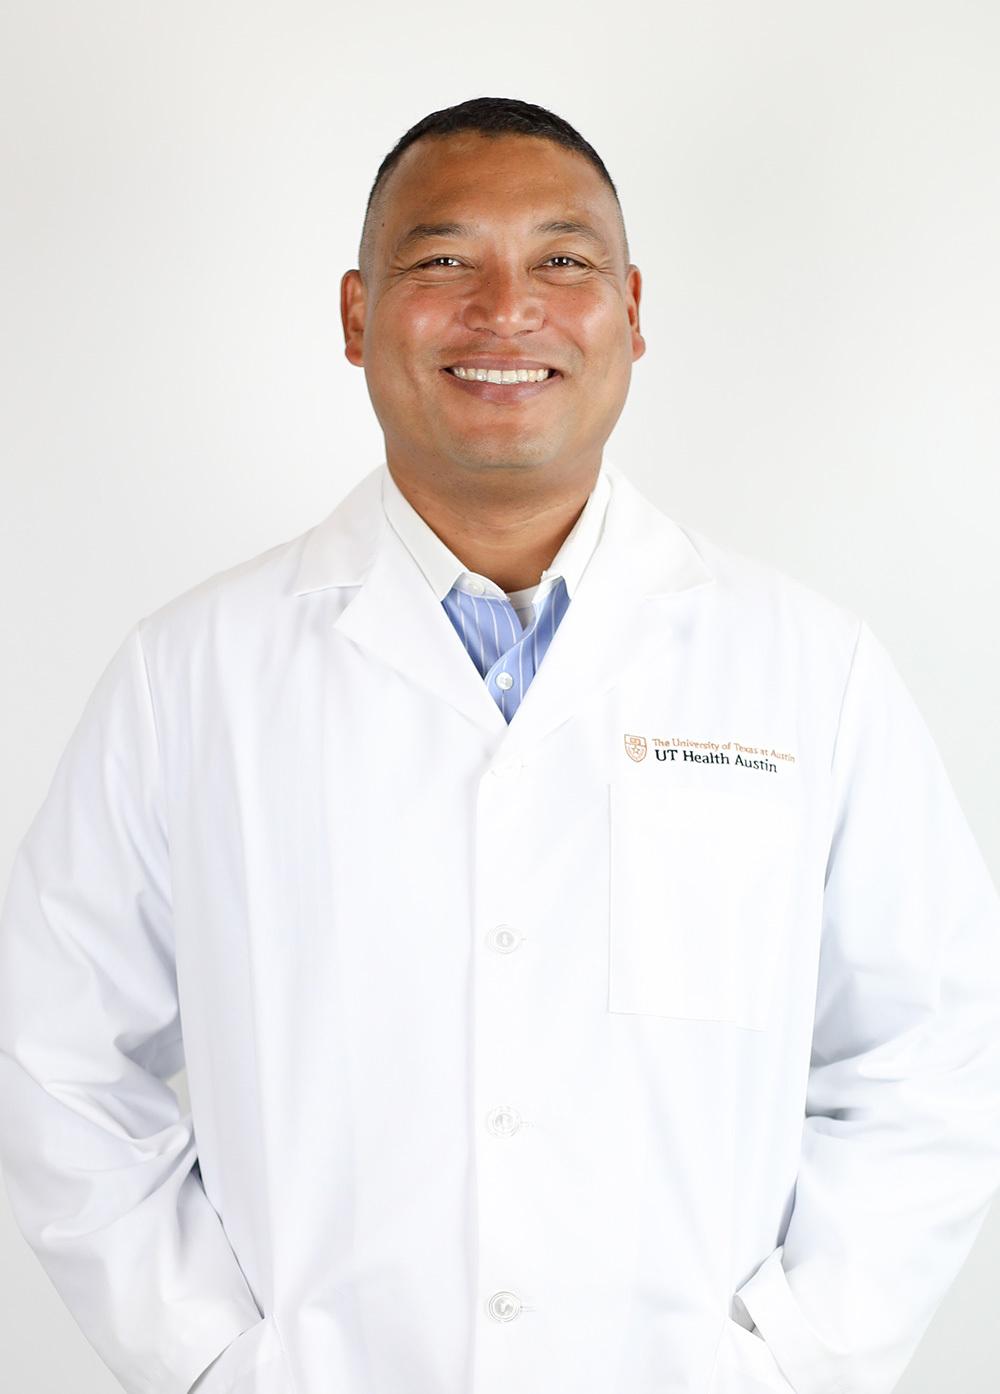 Dr. Johnson headshot.jpg